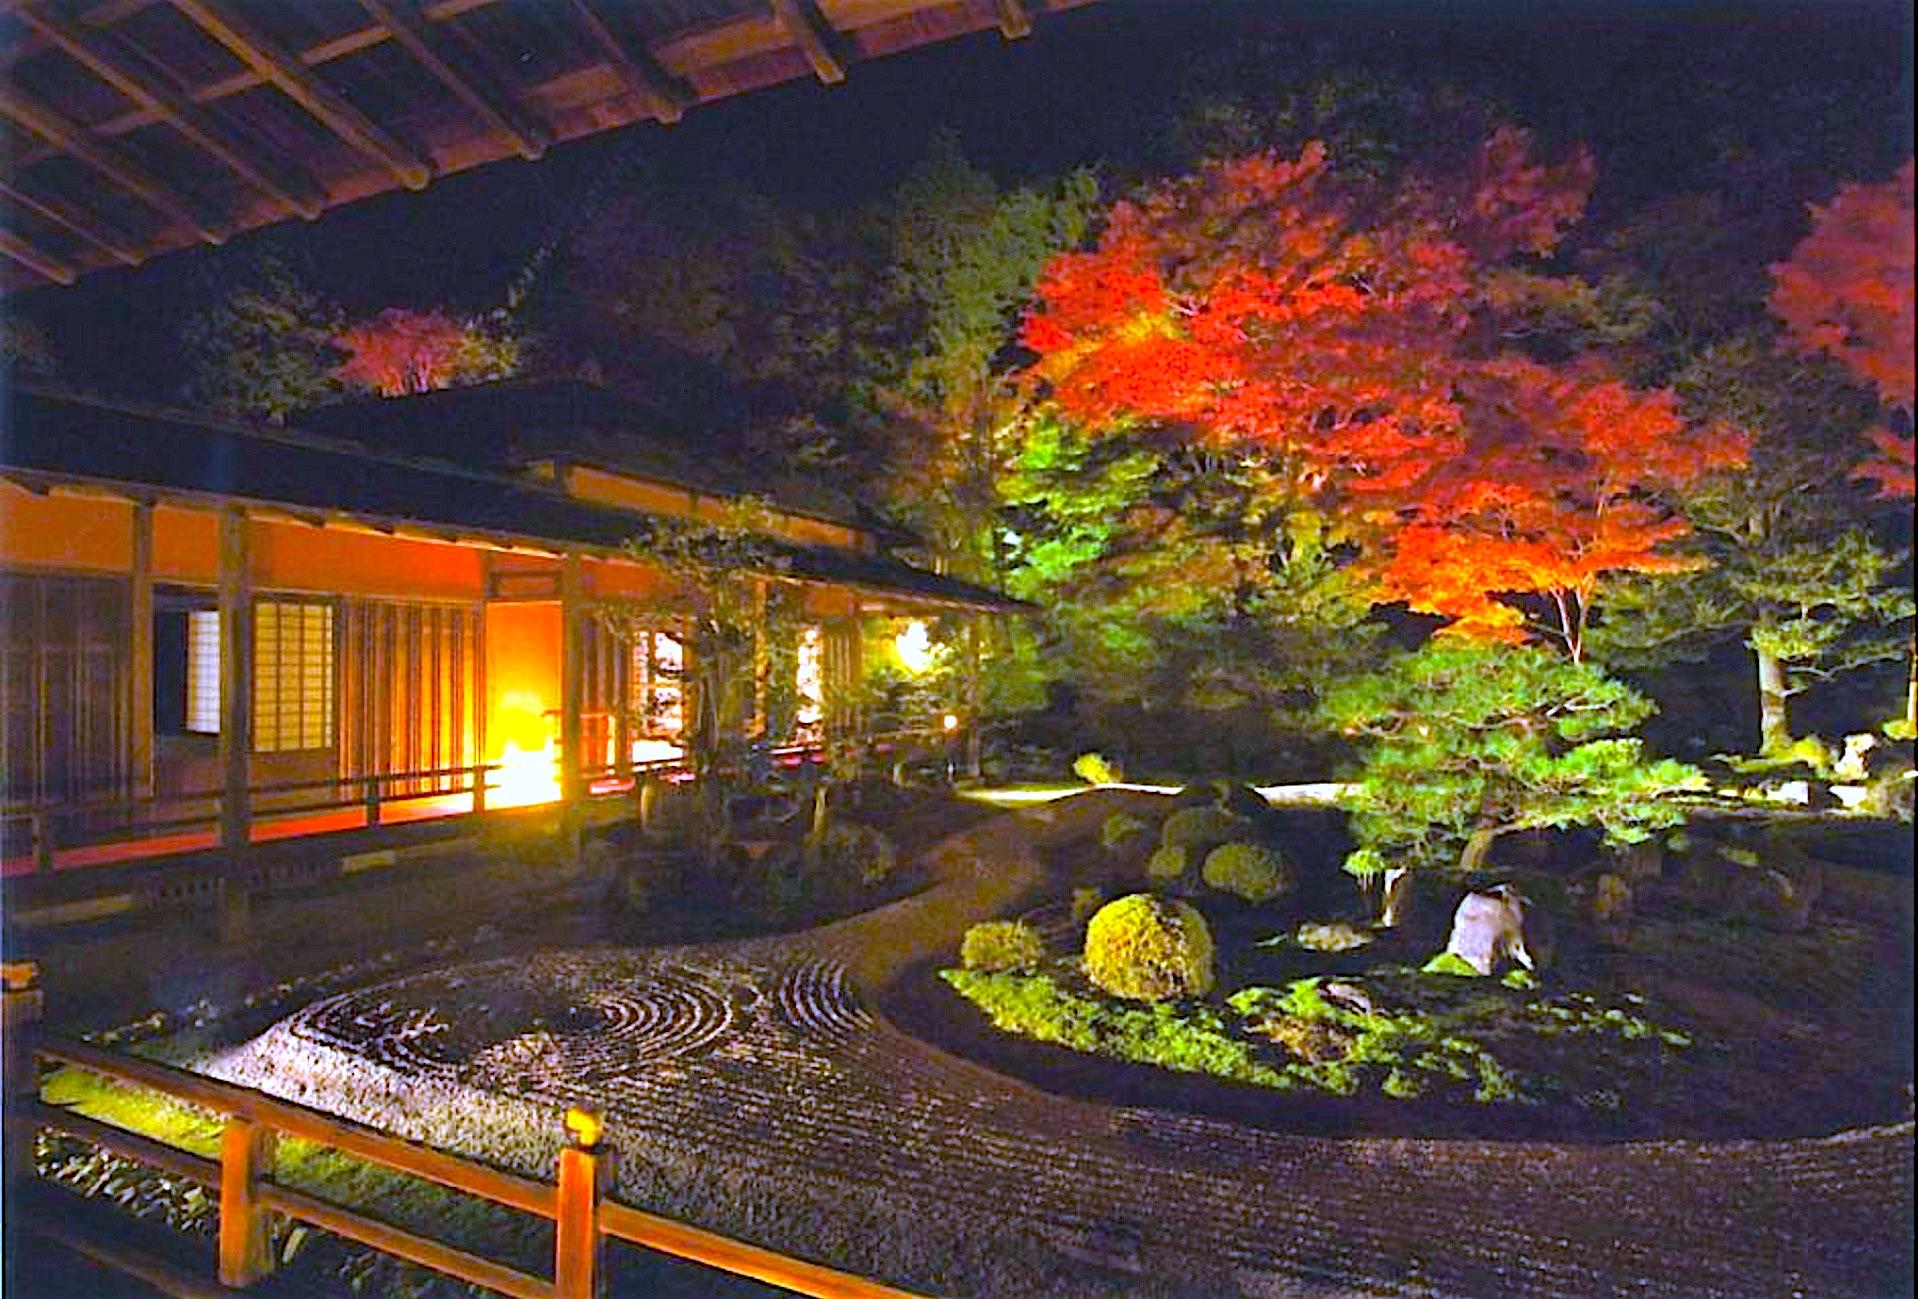 曼殊院『秋の夜間特別拝観』